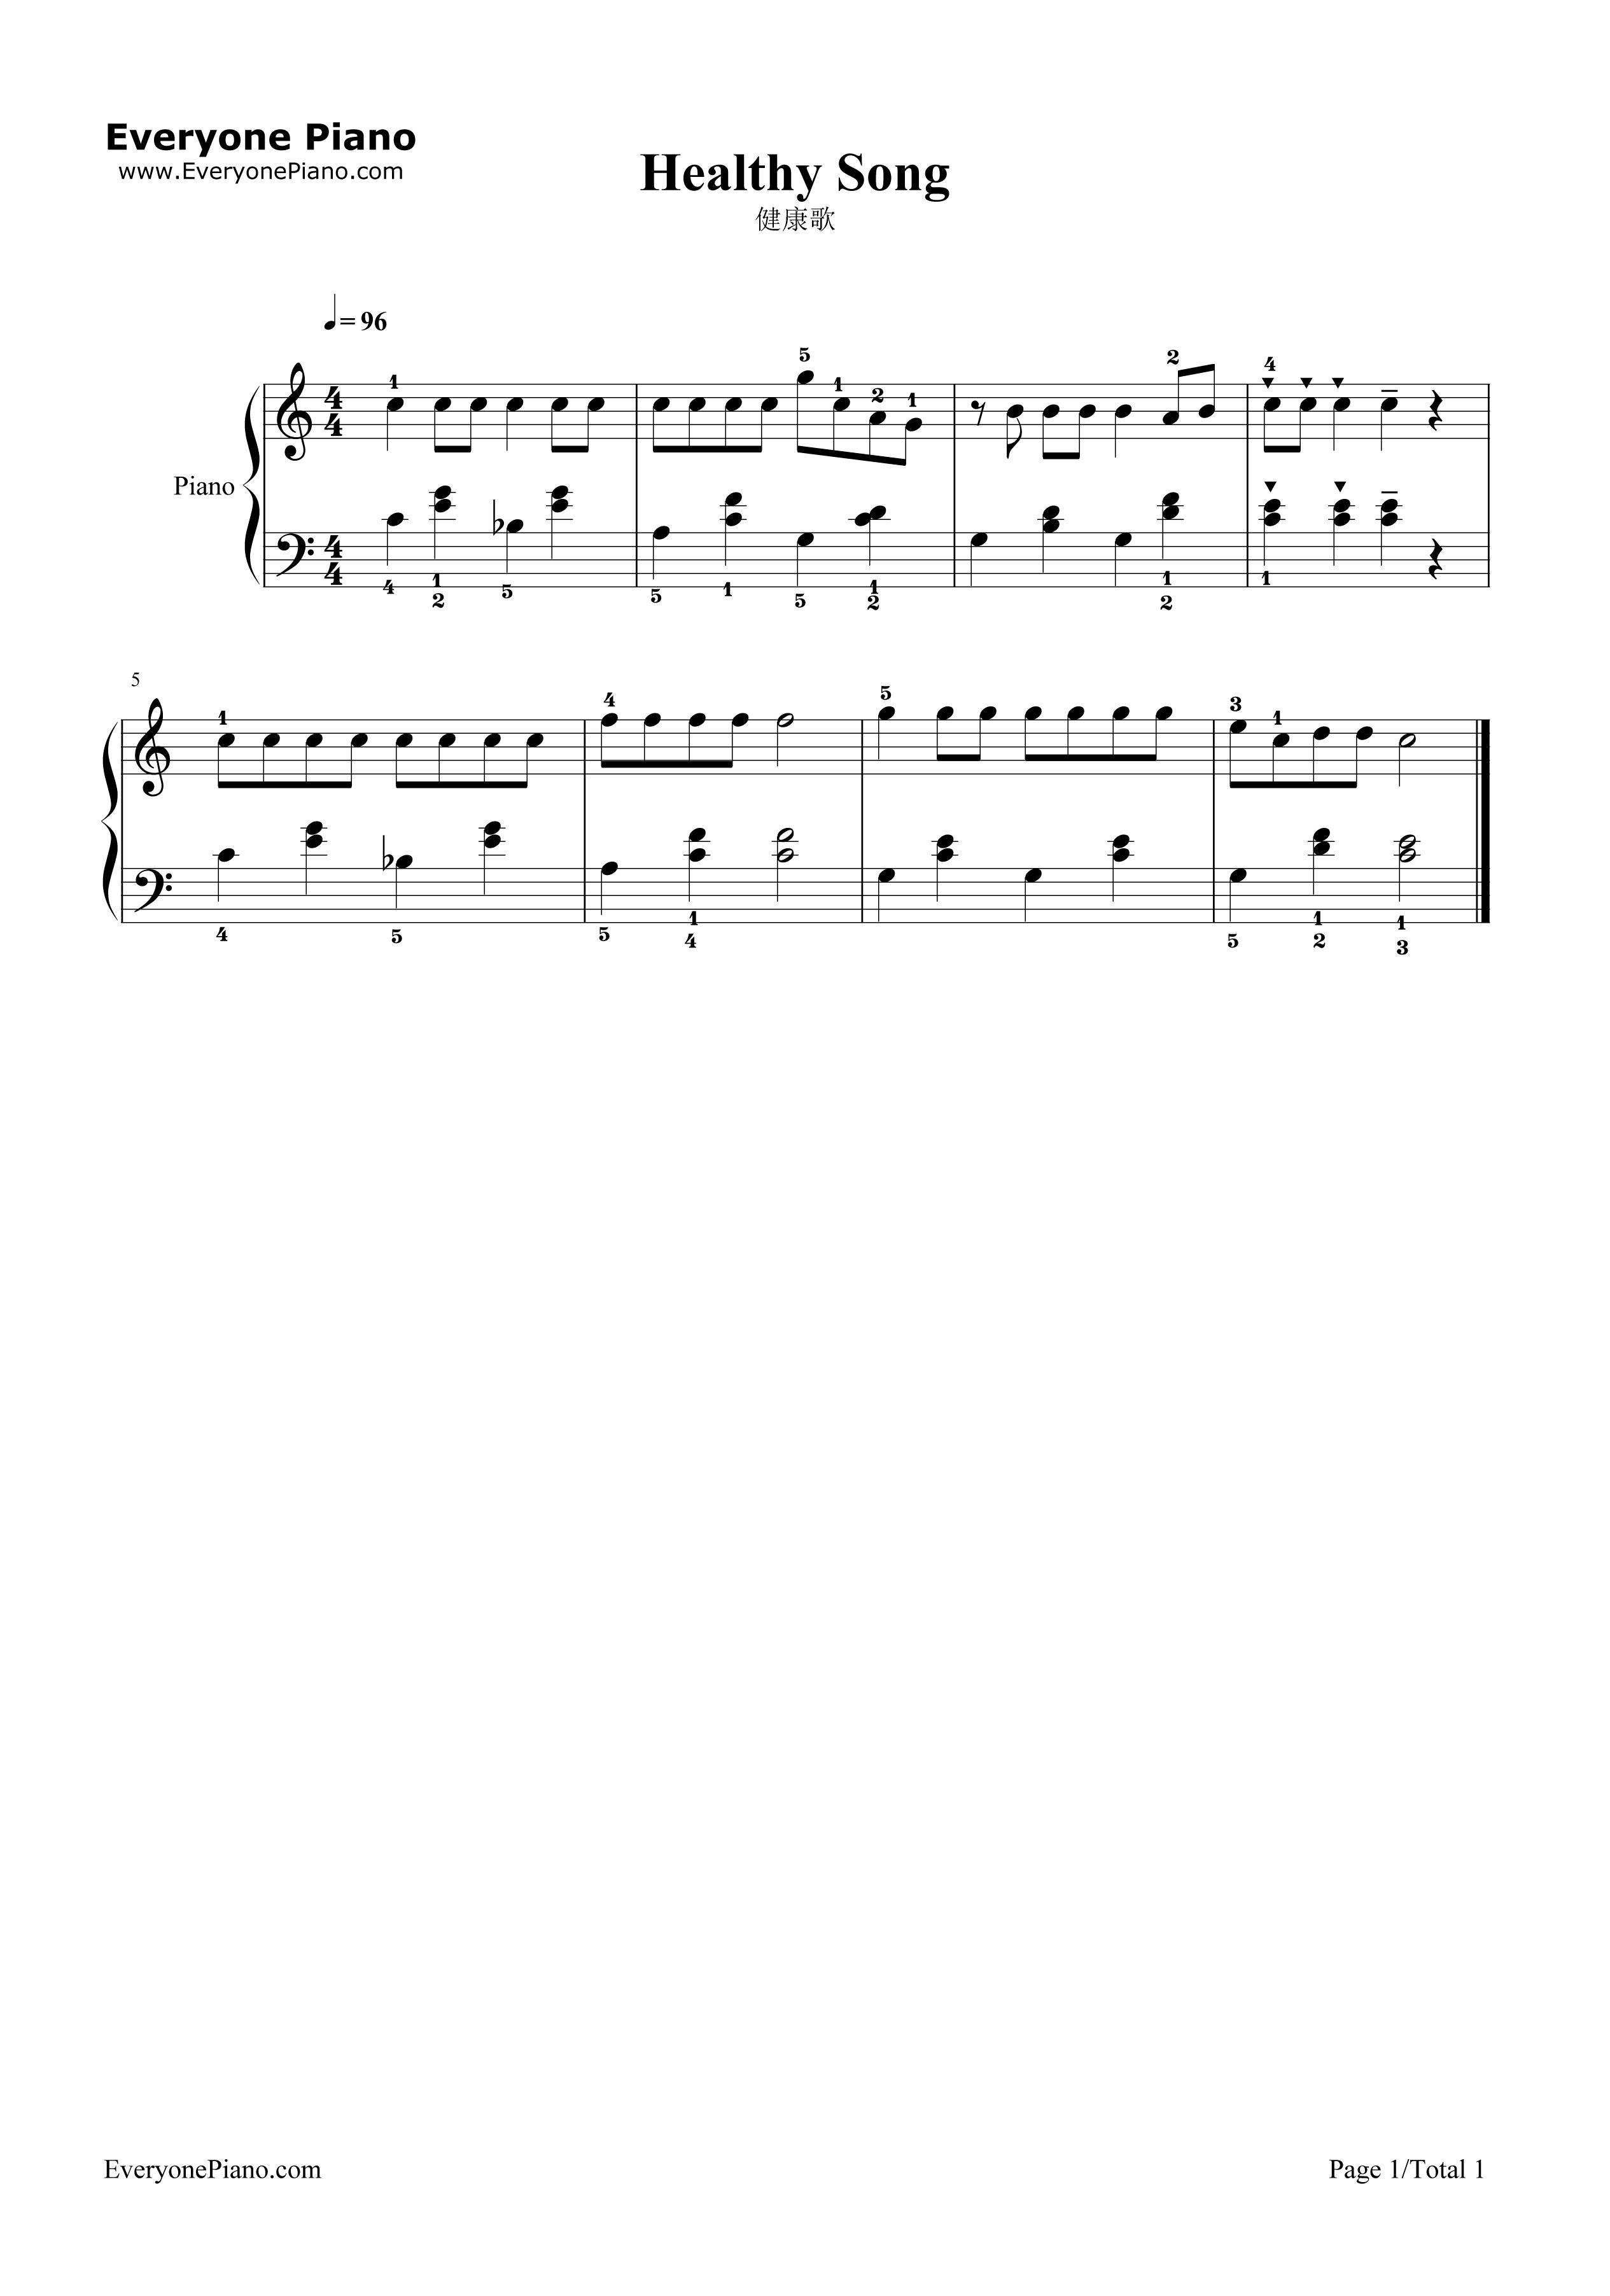 健康歌五线谱预览1-钢琴谱(五线谱,双手简谱)免费下载